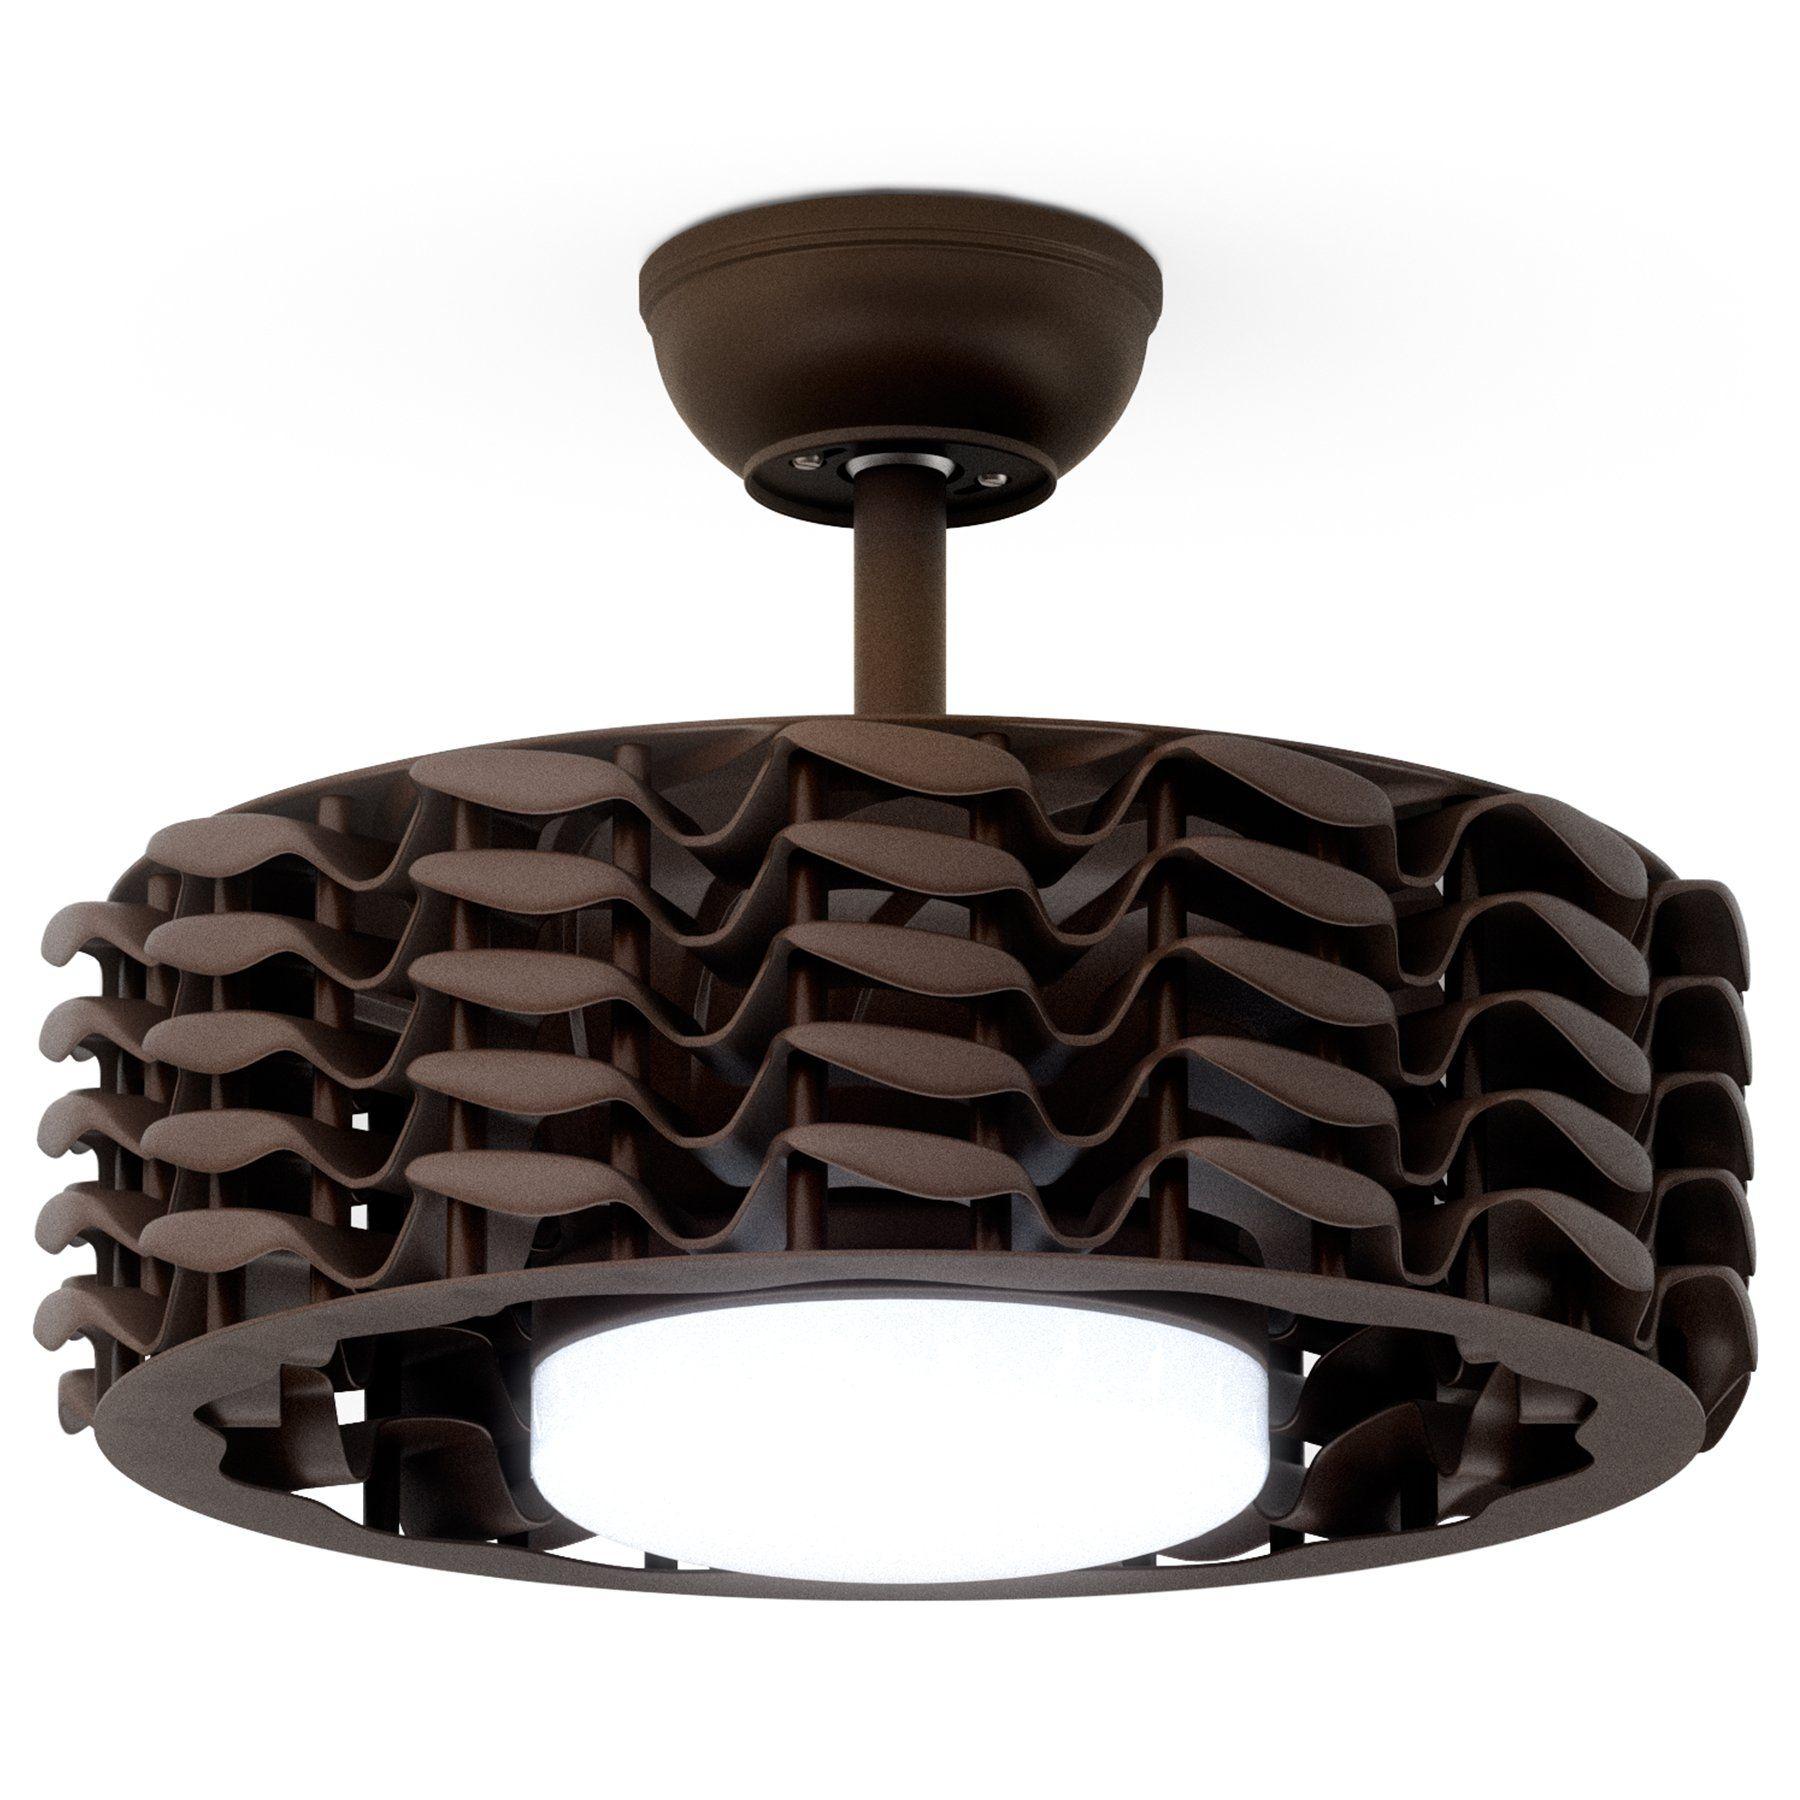 Oceano Bladeless Ceiling Fan, 6 Speeds with LED Light - 23 ...